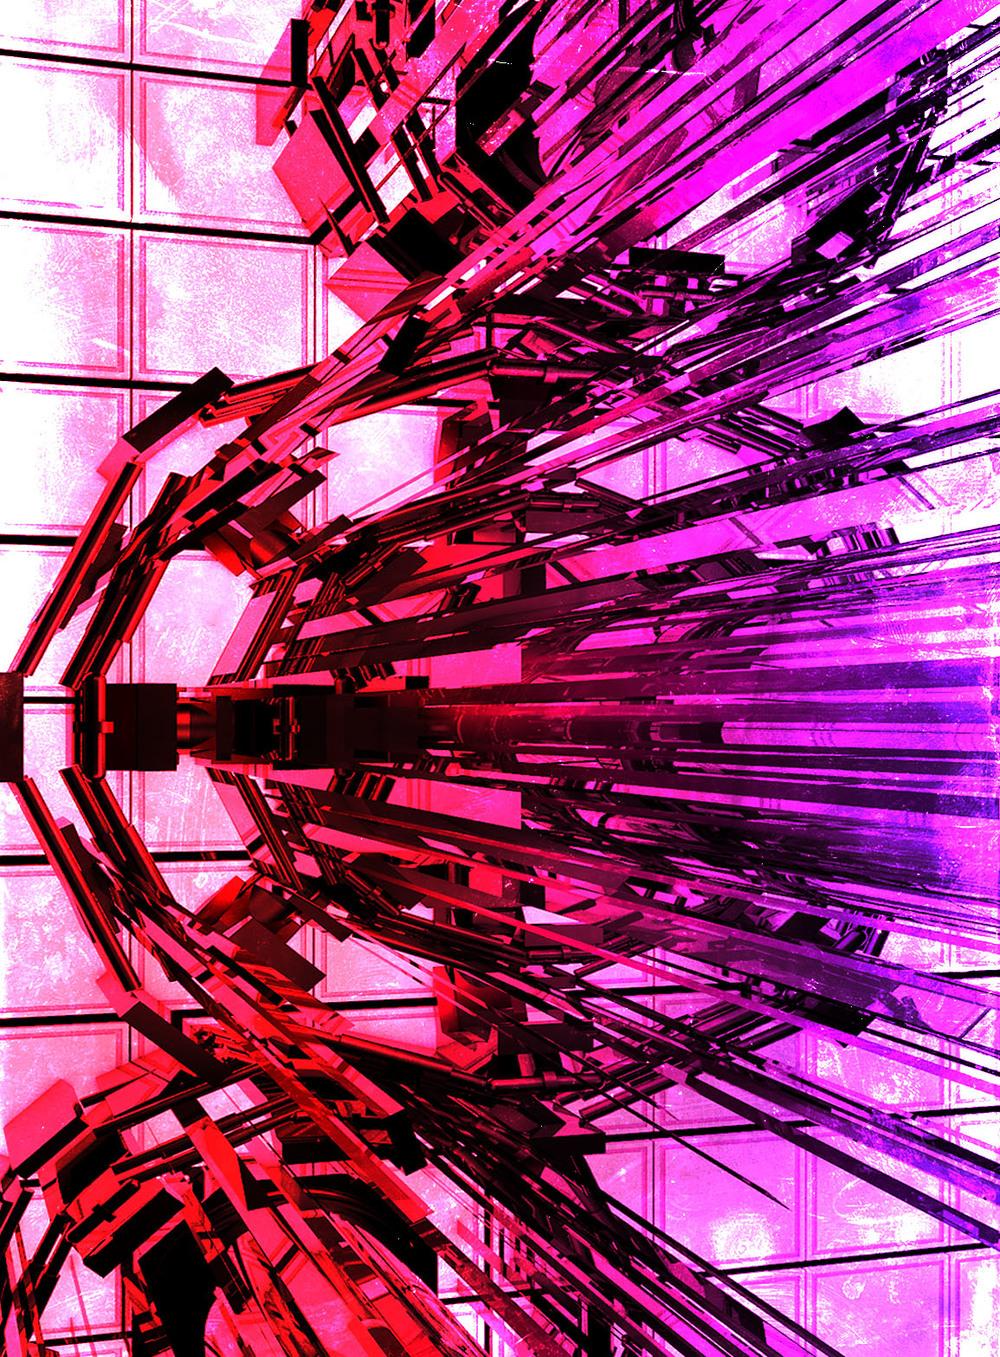 spectrumQ_v2 final.jpg